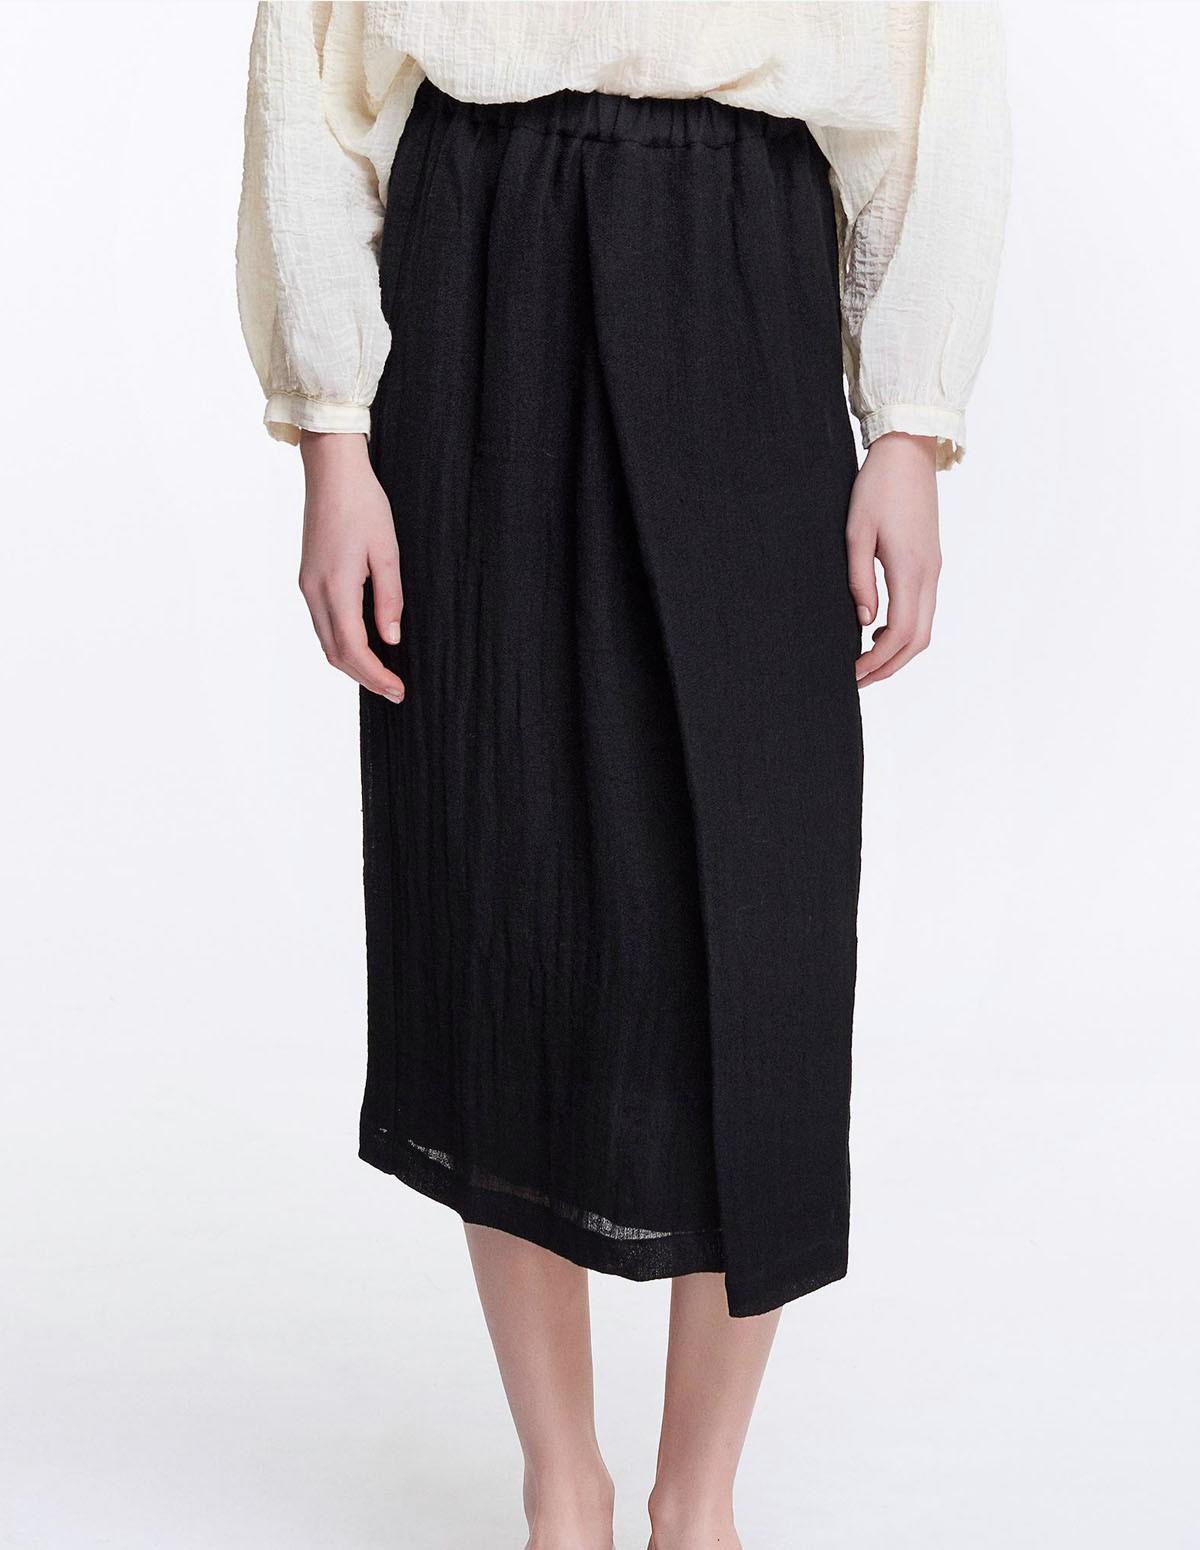 Pom 1156/30117 Skirt - NOIR 99